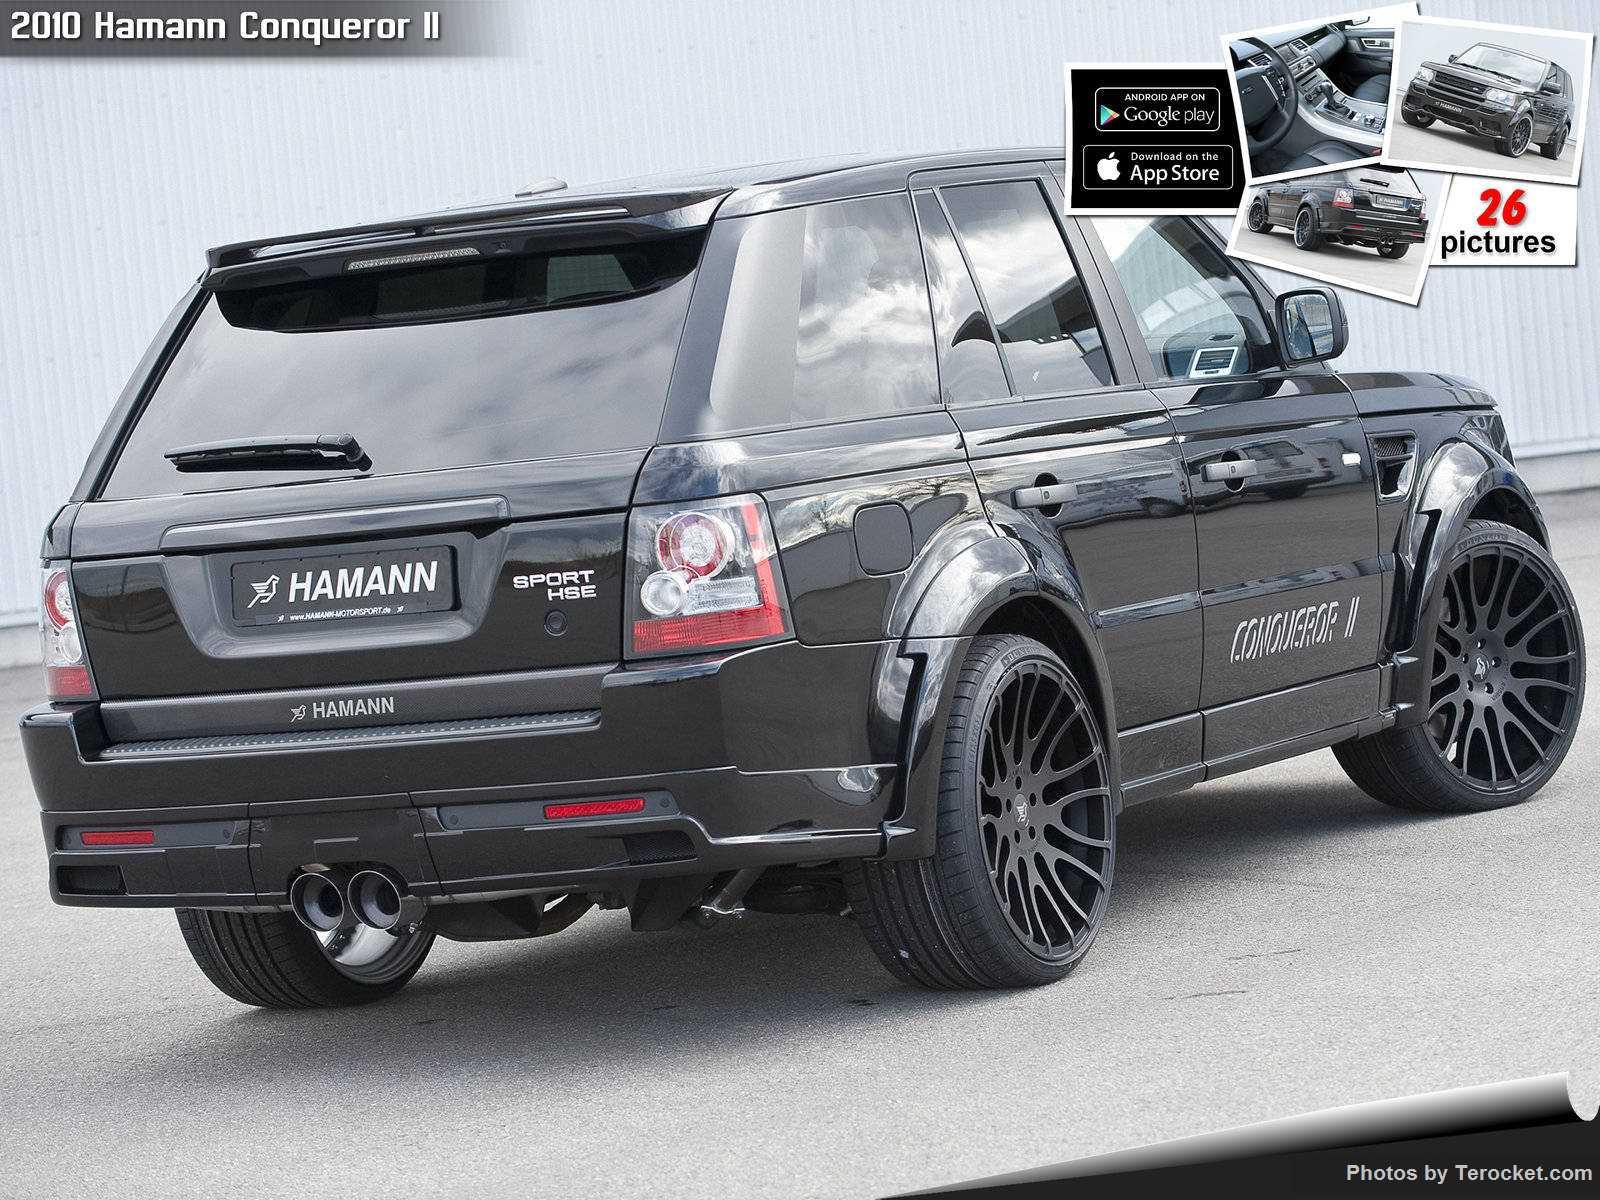 Hình ảnh xe ô tô Hamann Conqueror II 2010 & nội ngoại thất